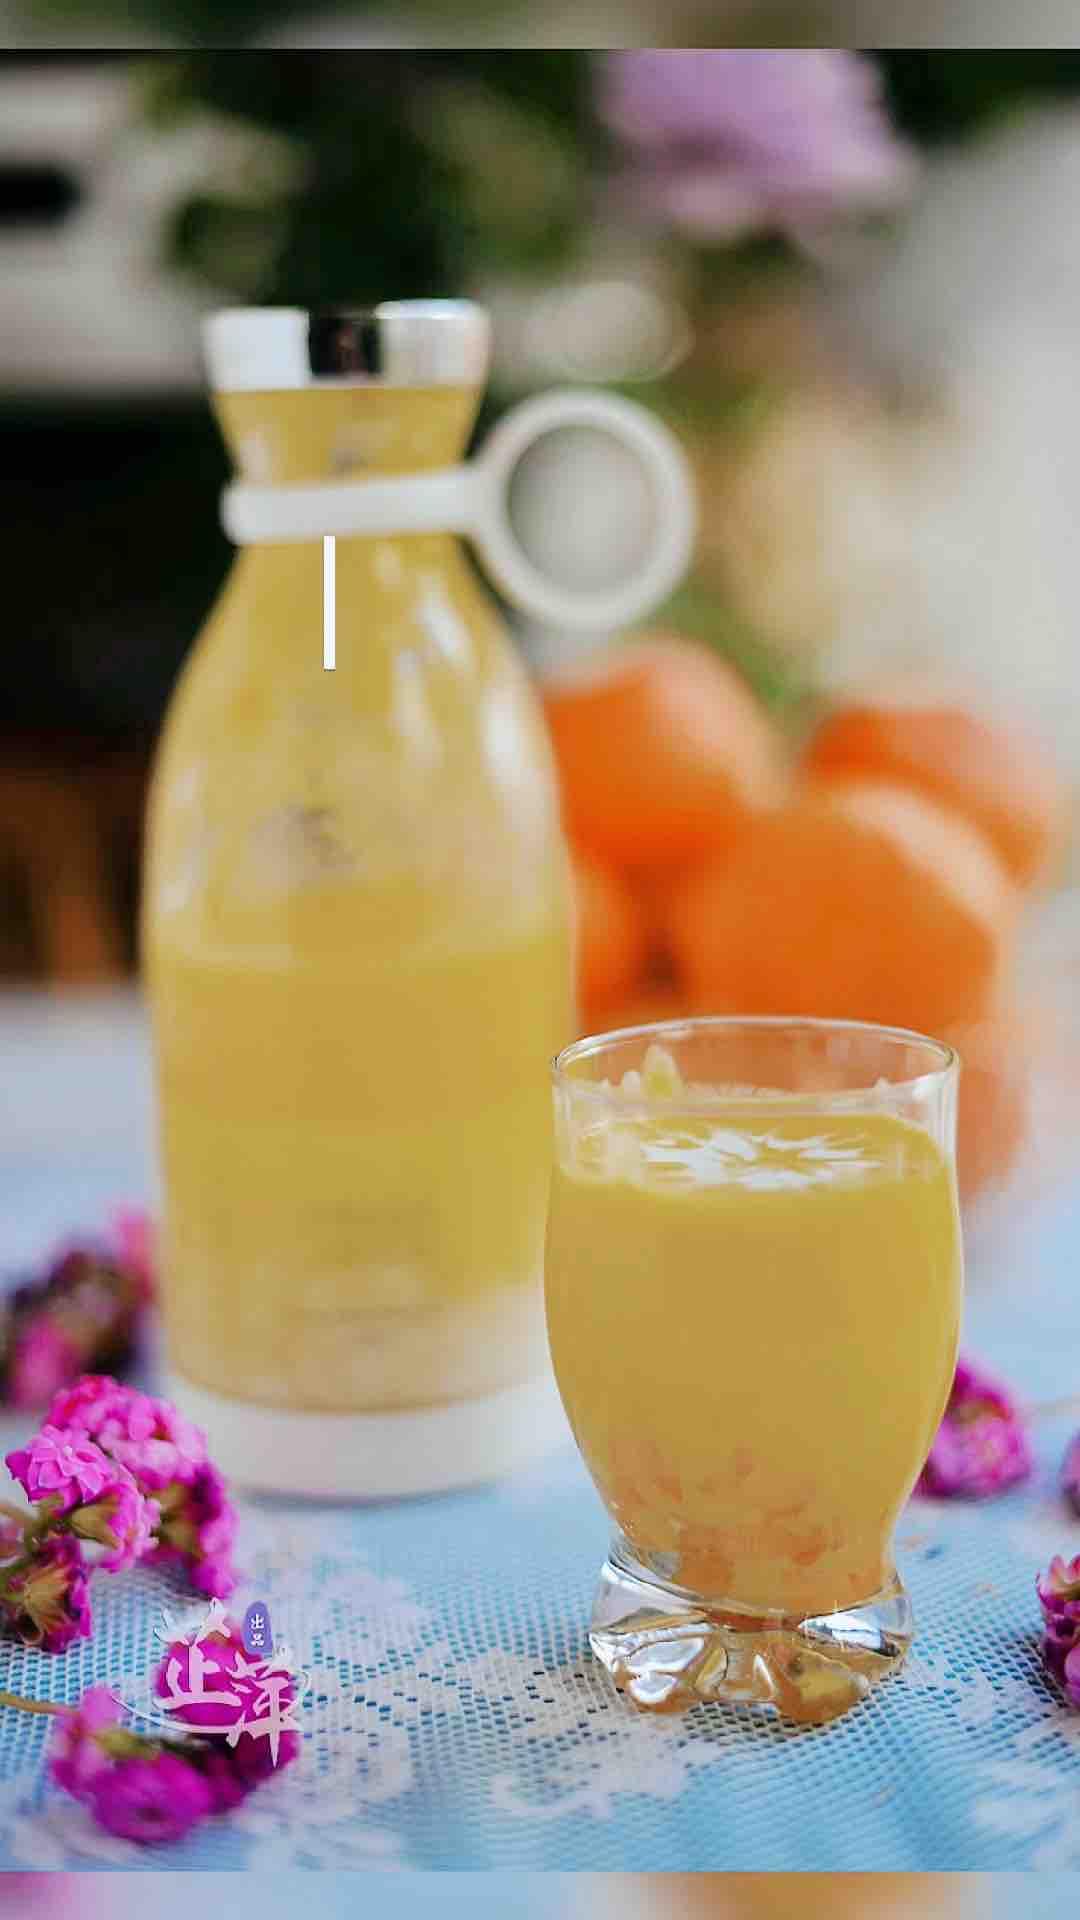 椰浆芒果露的做法